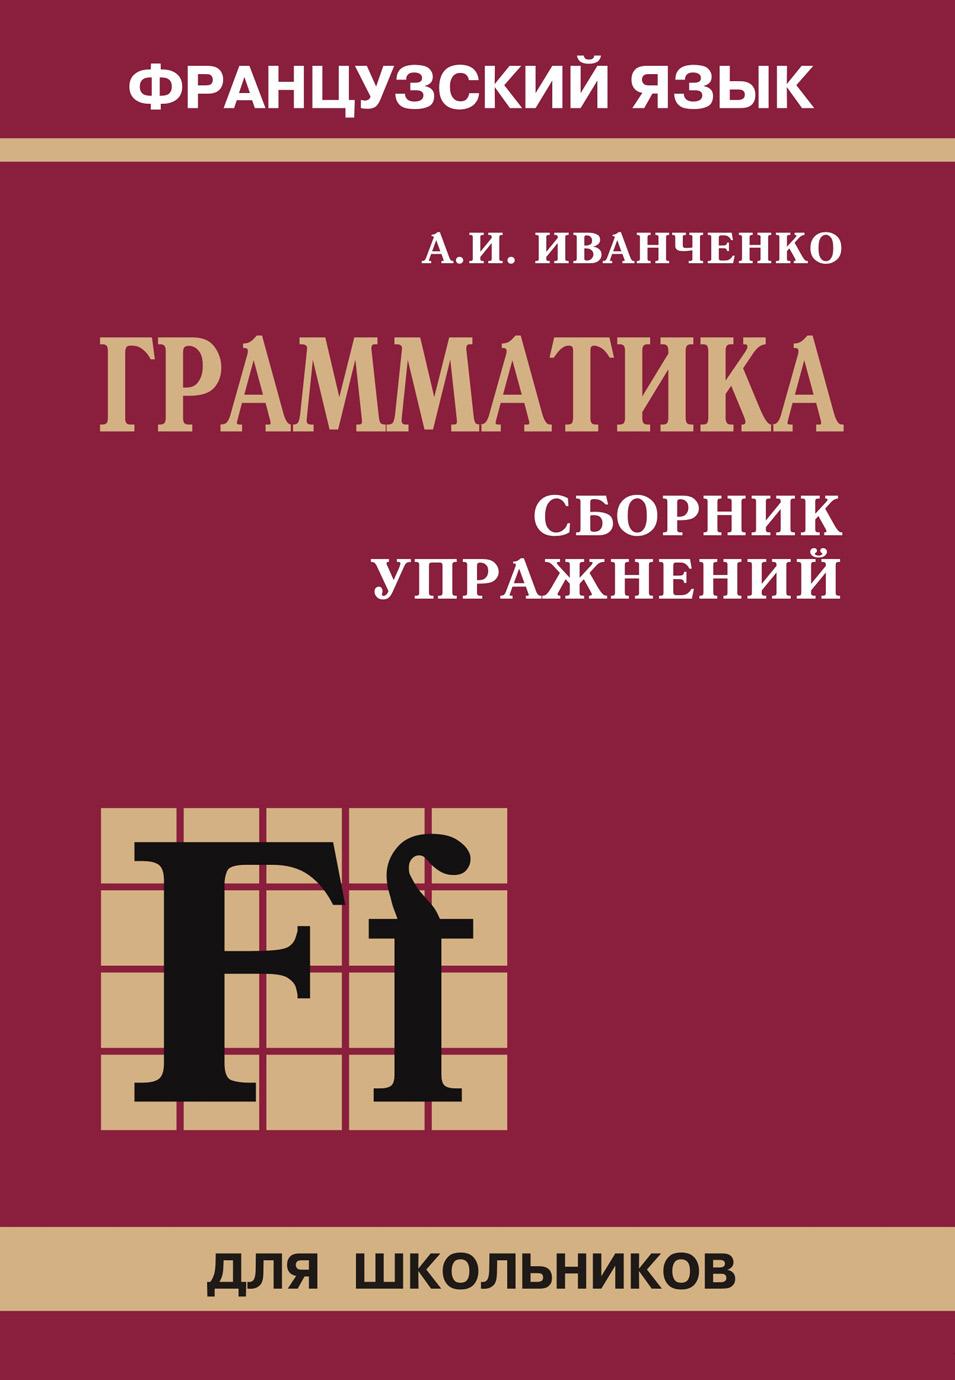 А. И. Иванченко Французский язык. Грамматика. Сборник упражнений. 6-9 класс